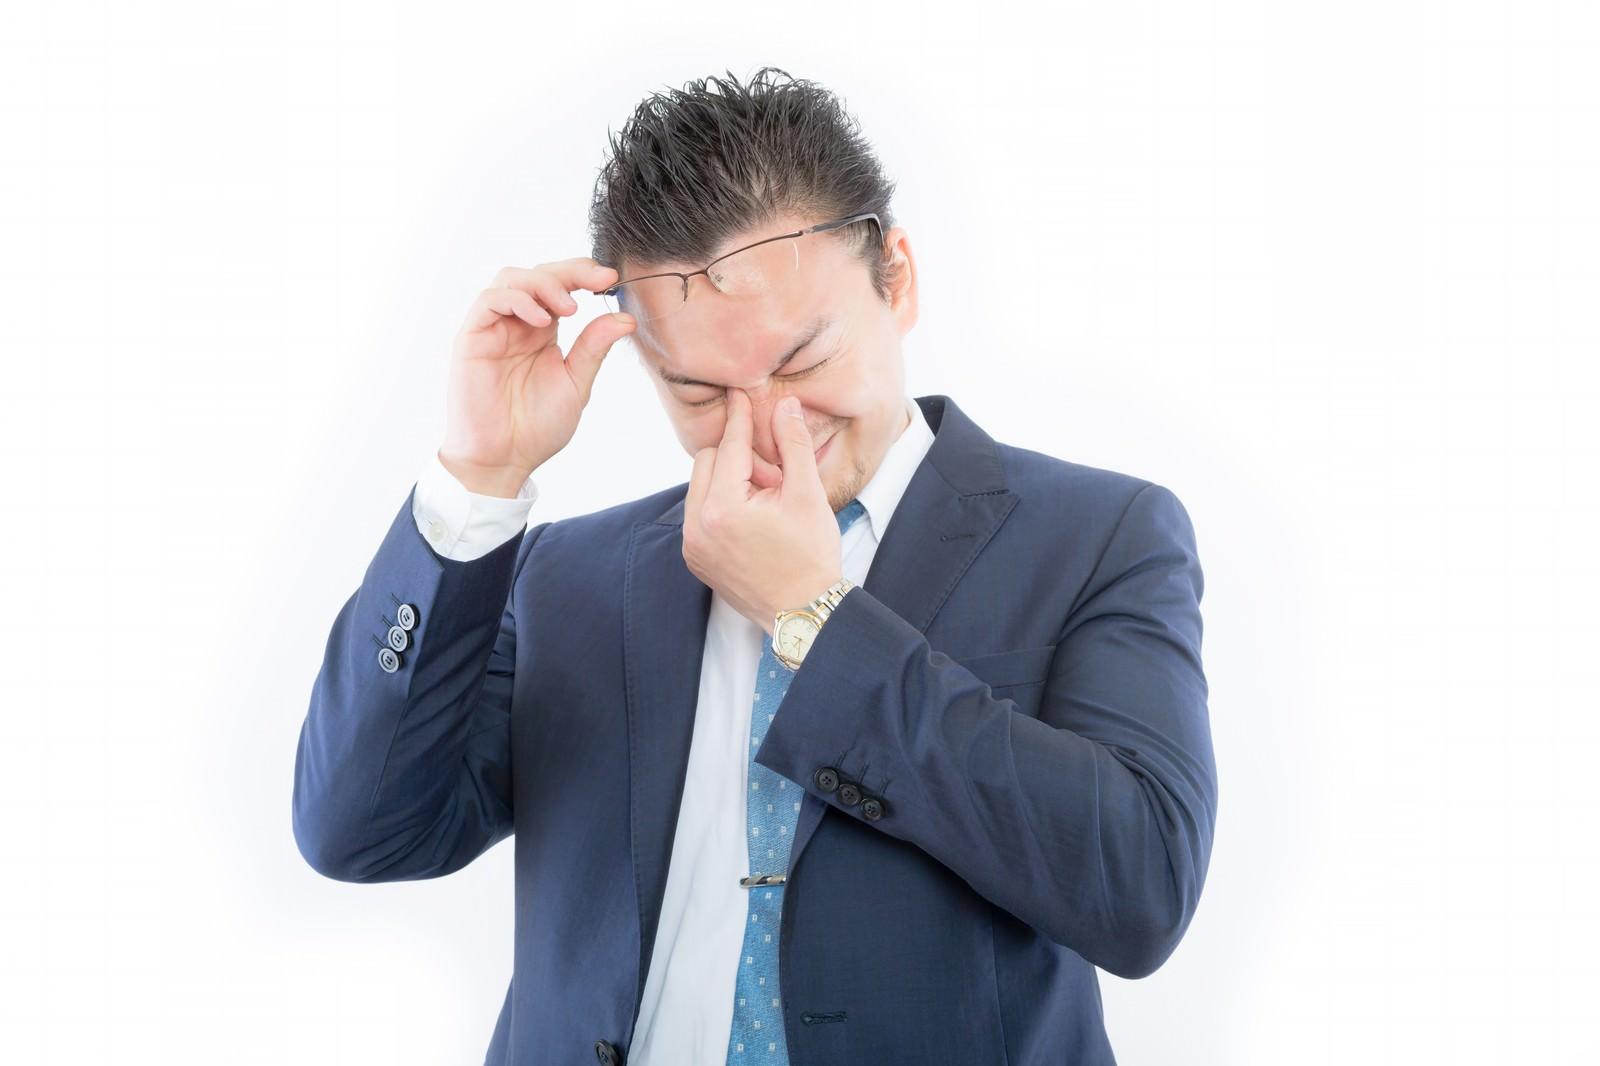 「感極まって目頭が熱くなるスーツ姿の外国人感極まって目頭が熱くなるスーツ姿の外国人」[モデル:Max_Ezaki]のフリー写真素材を拡大